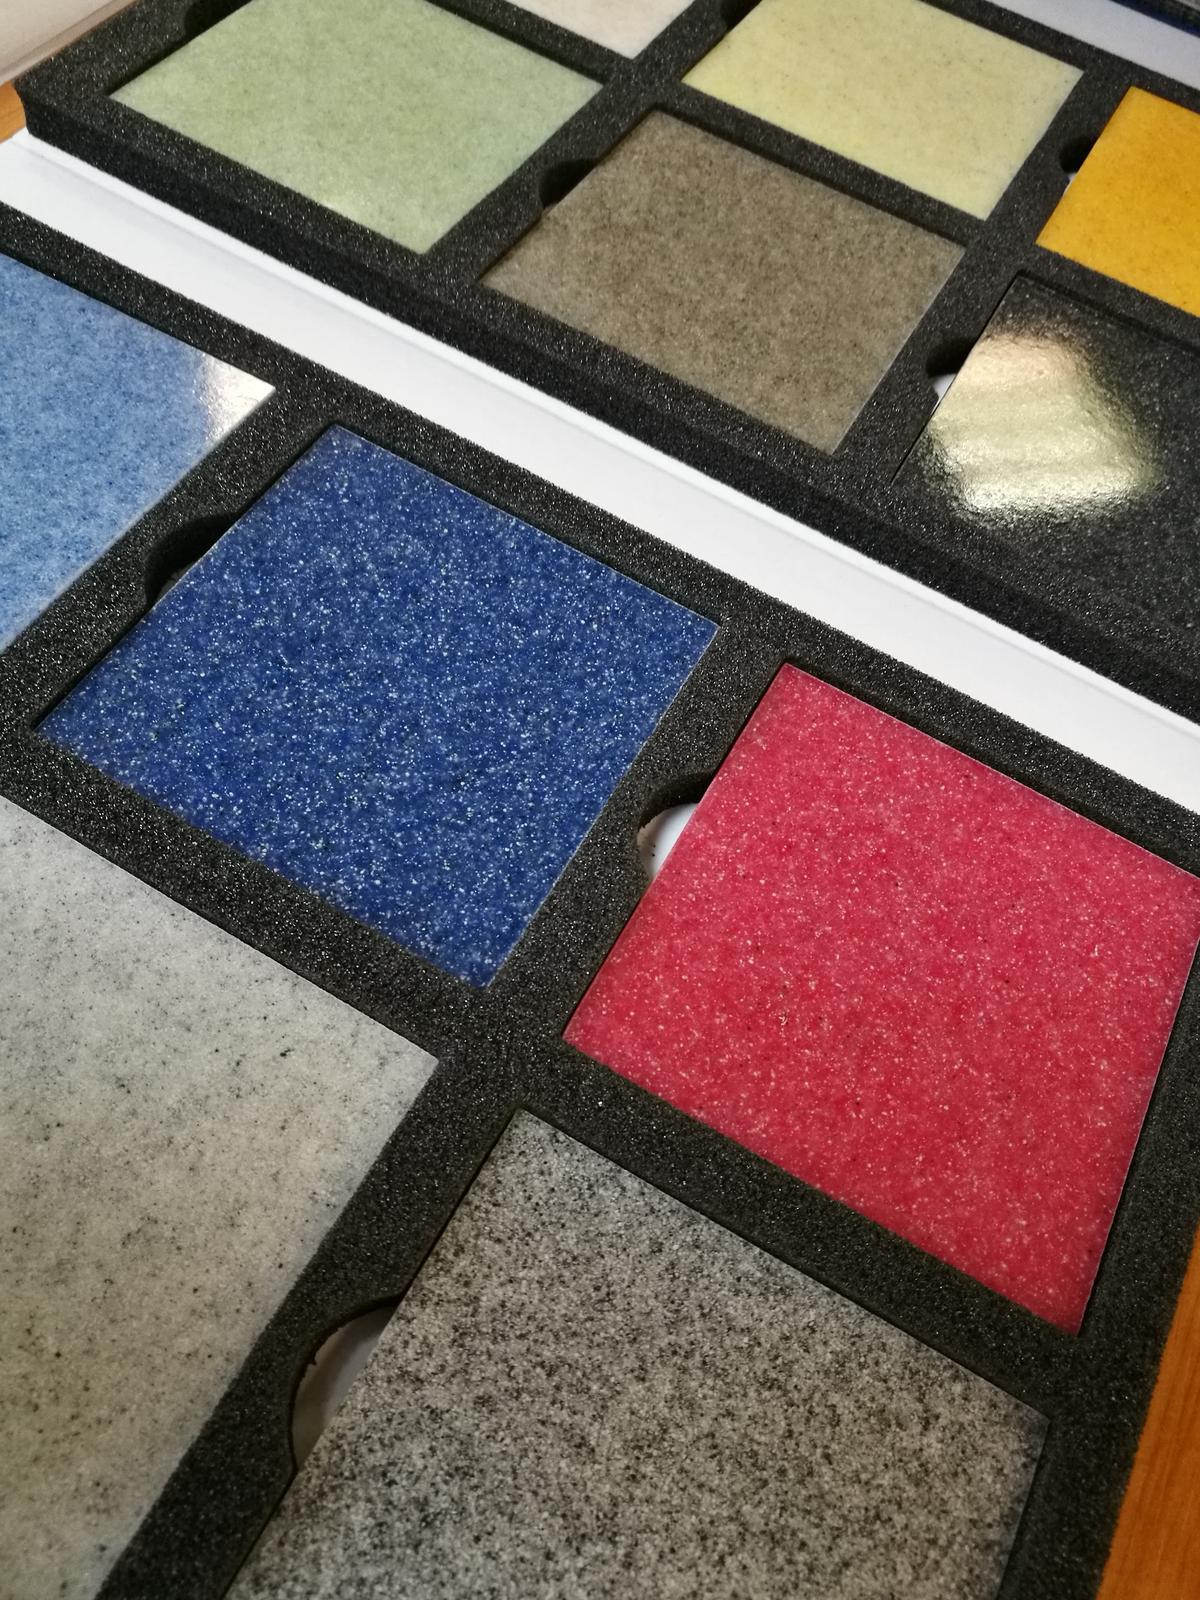 spolchemie - Epostyl Granit - designový materiál, vhodný pro moderní interiéry, bezespárové provedení podlah